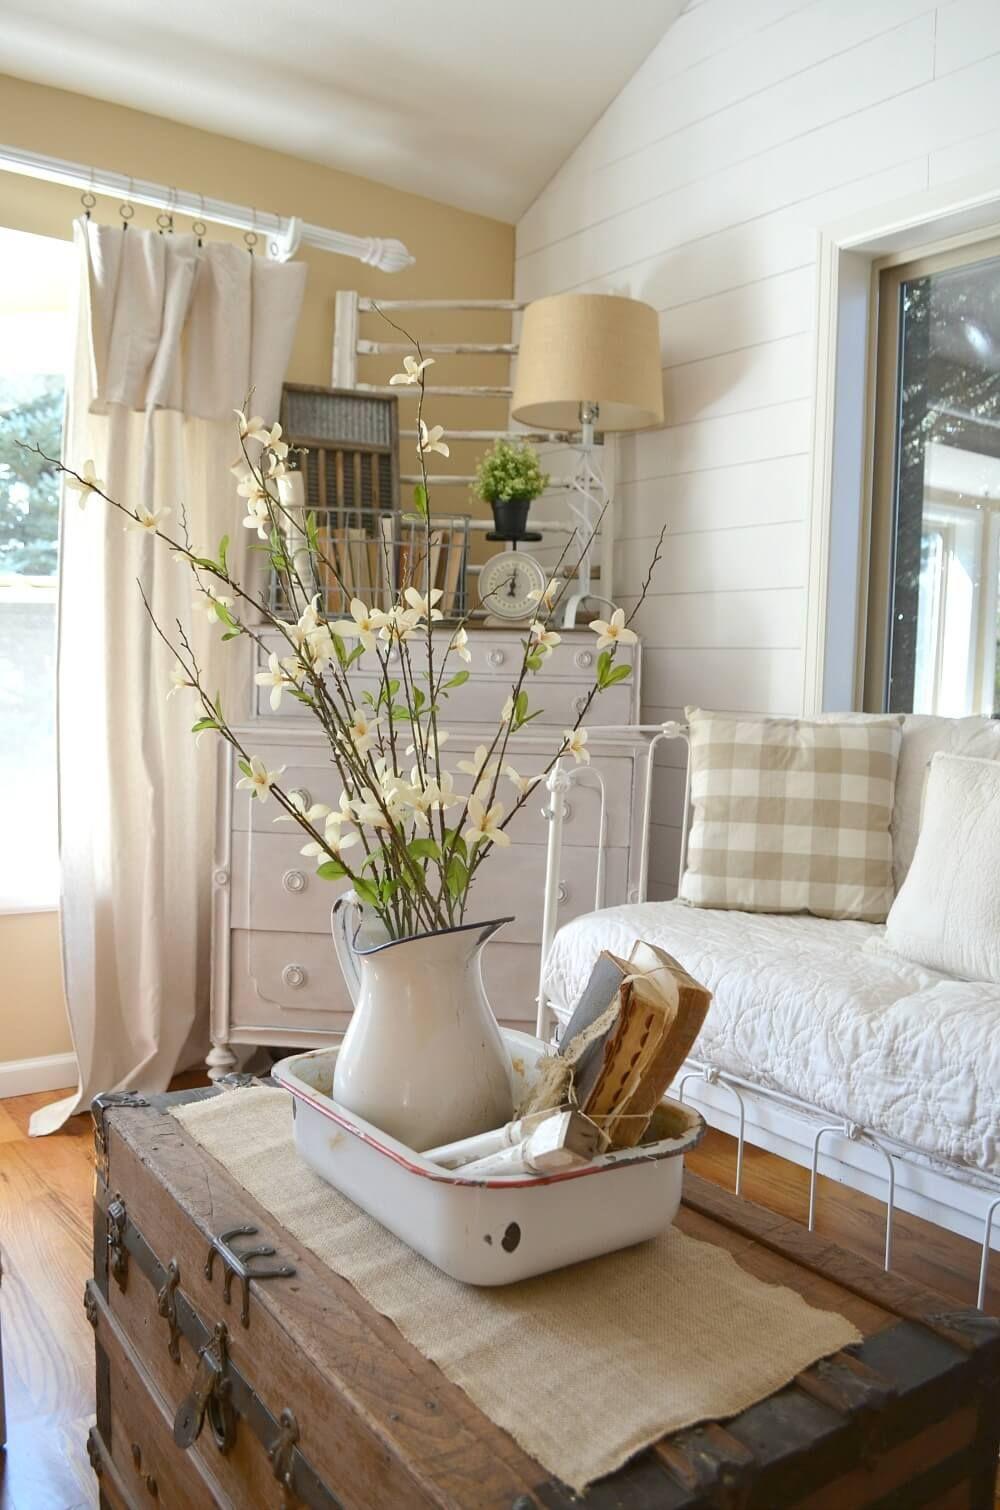 Wohnkultur design bilder  zeitlose neutral wohnkultur ideen die voller stil und charme